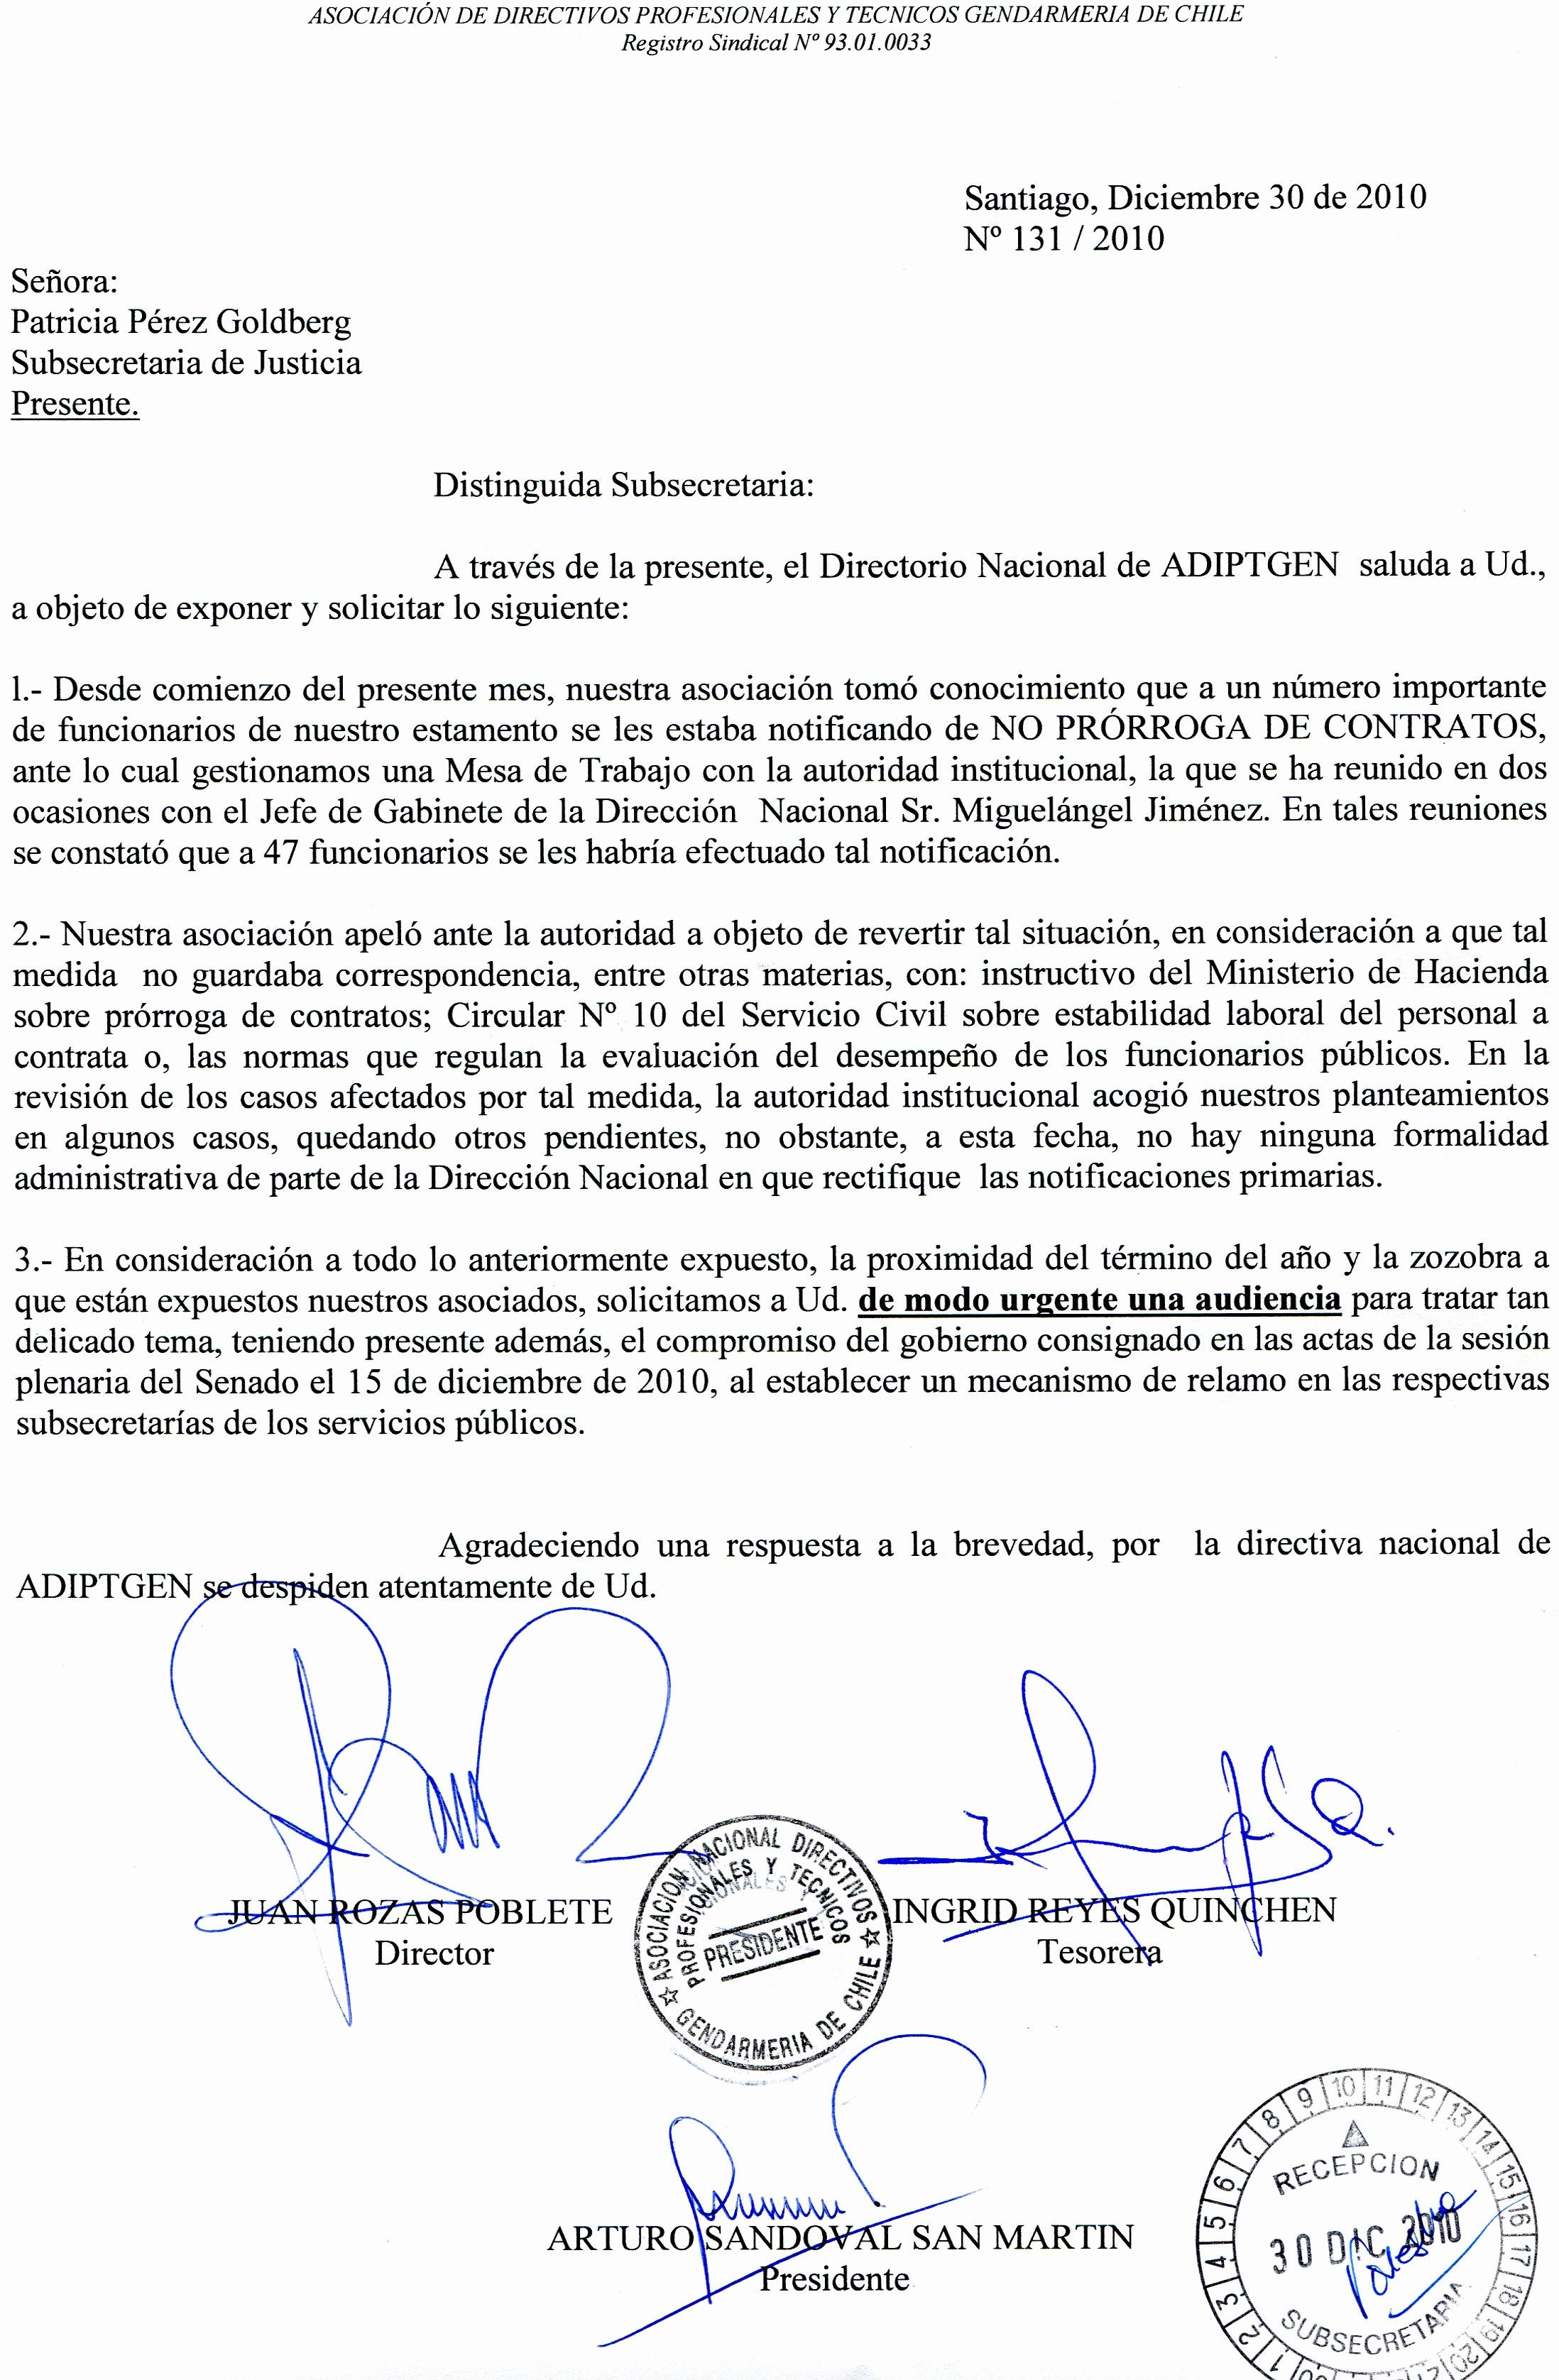 Carta Dirigida A Una Autoridad Elegant A D I P T G E N